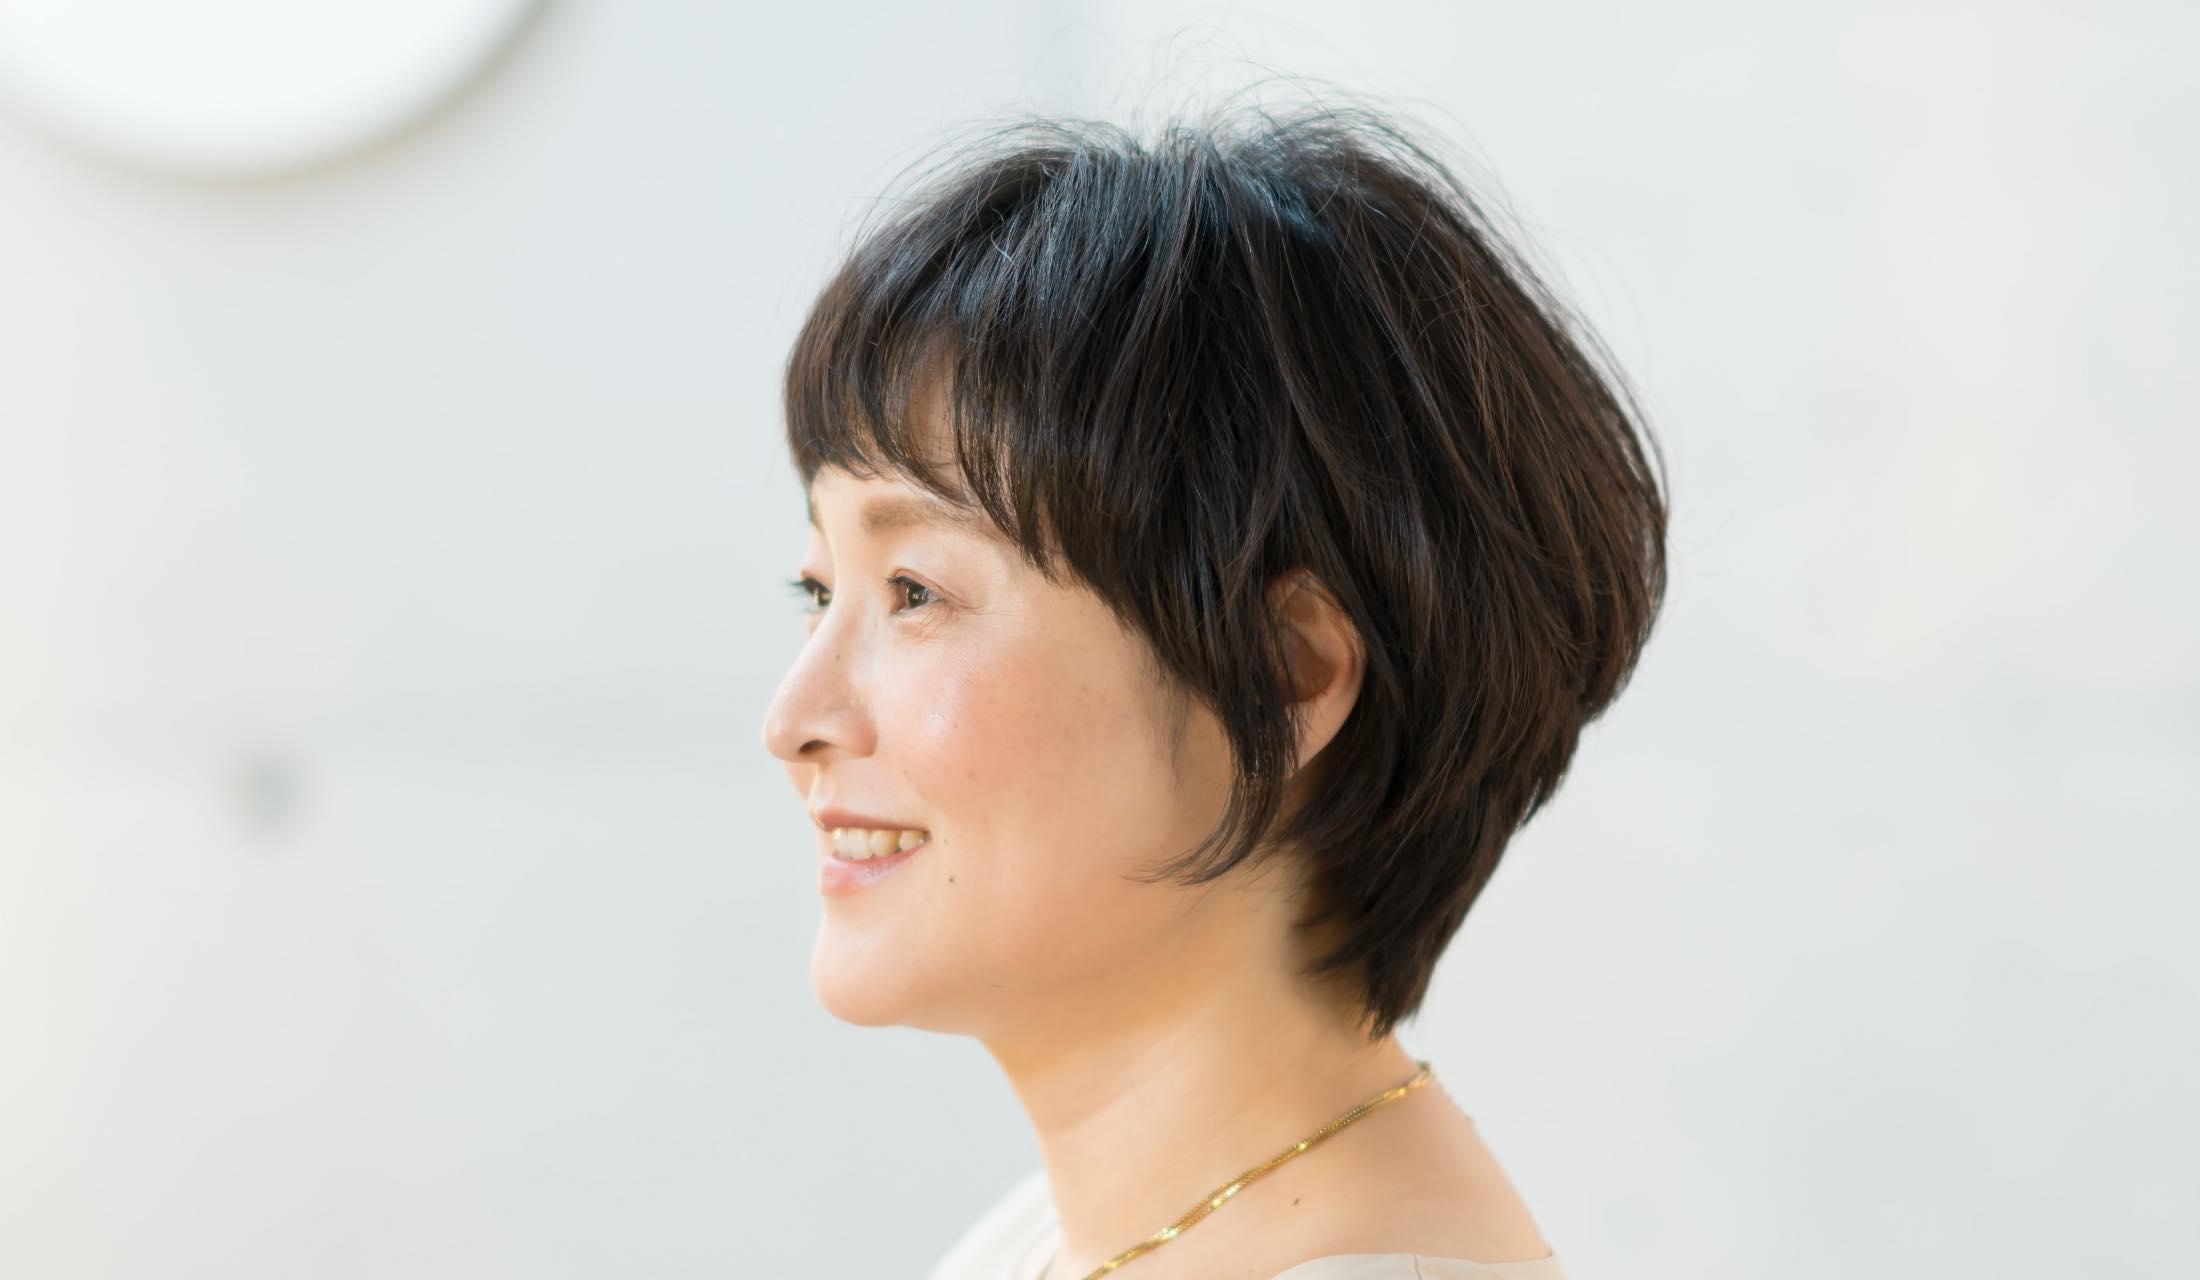 doubleのスタイリスト宮野幸一さんが切ったショートヘア